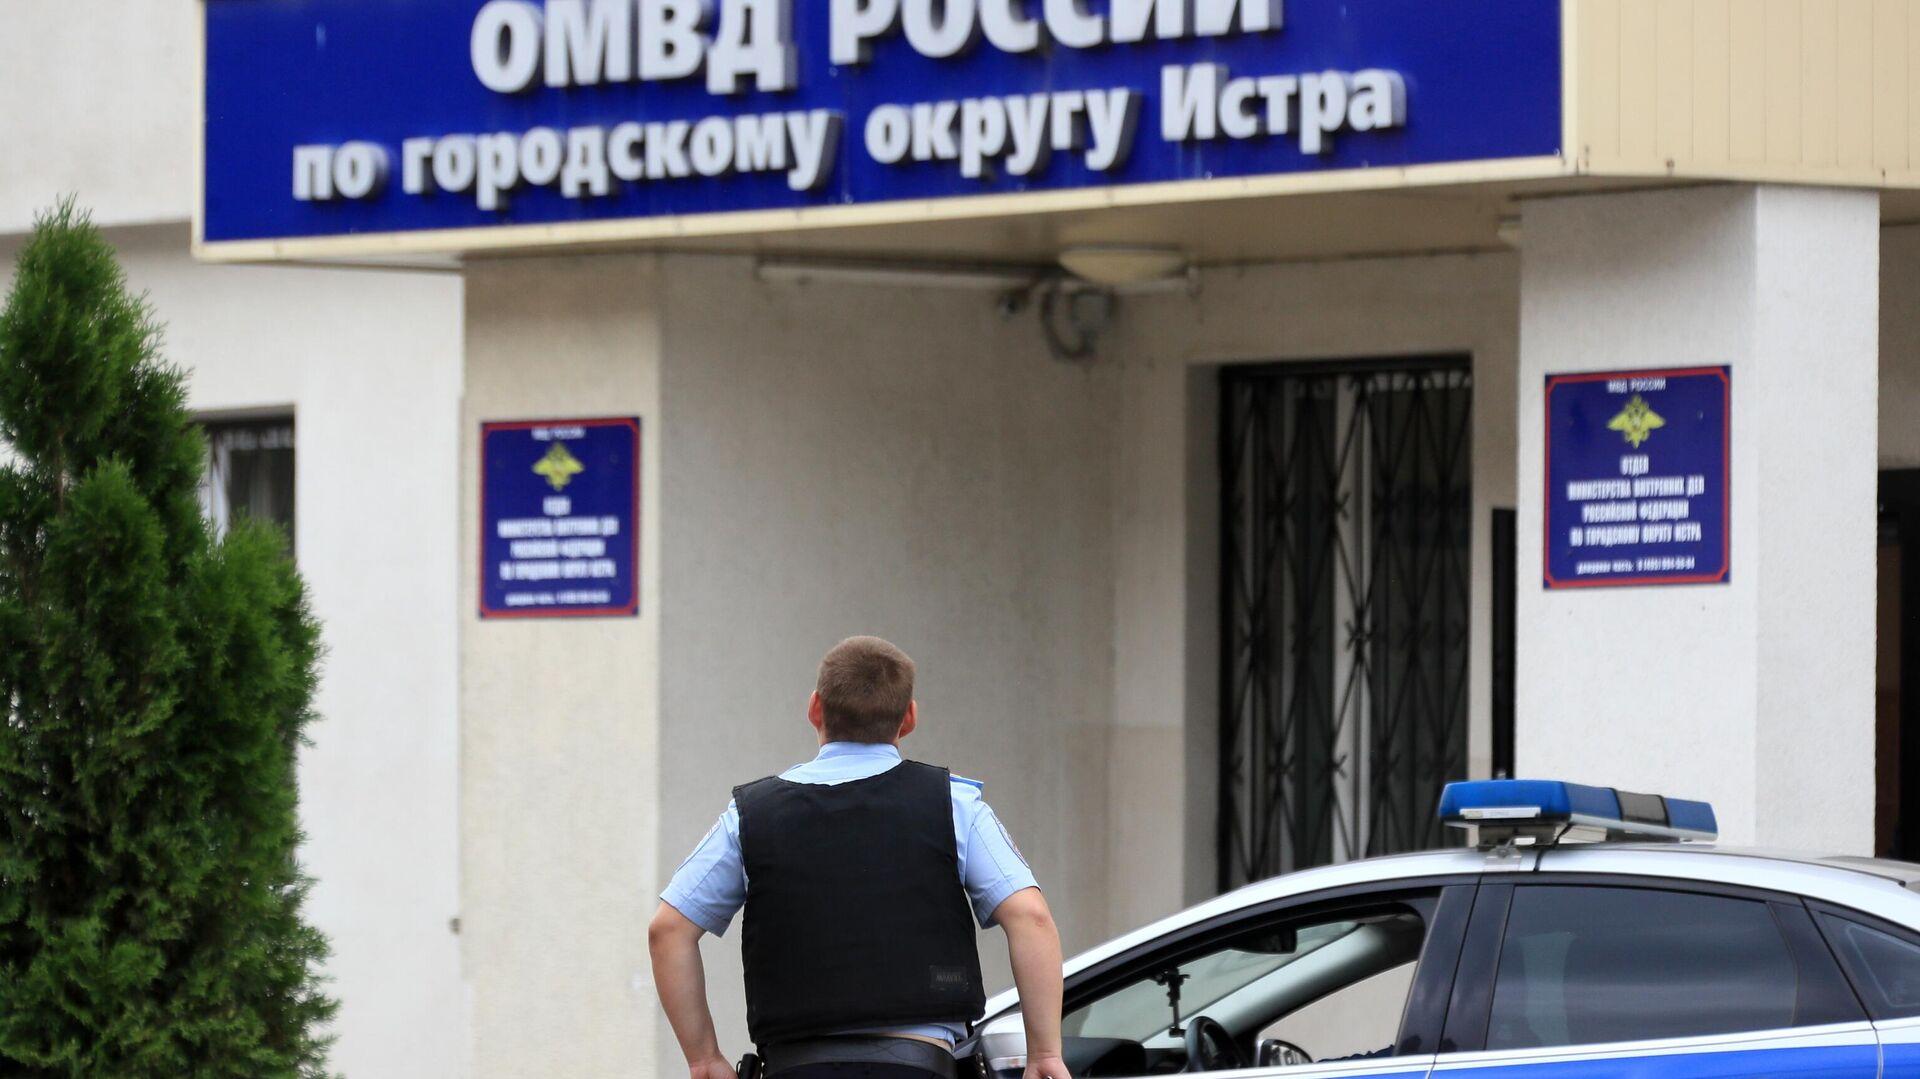 Беглецов из истринского ИВС ищут по всей России, сообщил источник